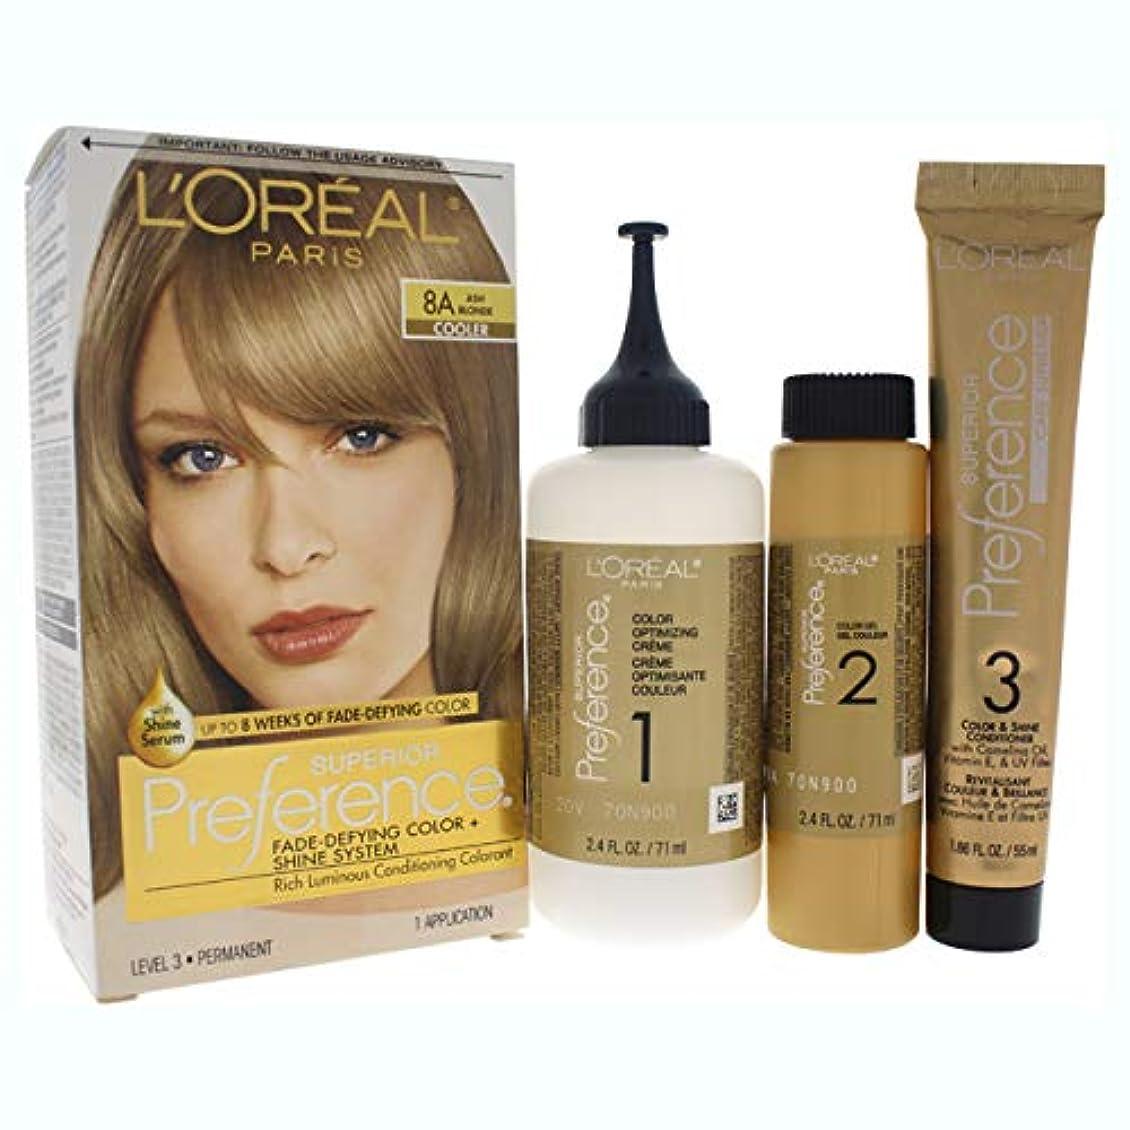 路地必須服を洗うL'Oreal Paris 県Haircol 8Aサイズ1CTロレアルプリファレンスヘアカラーアッシュブロンド#8(a)